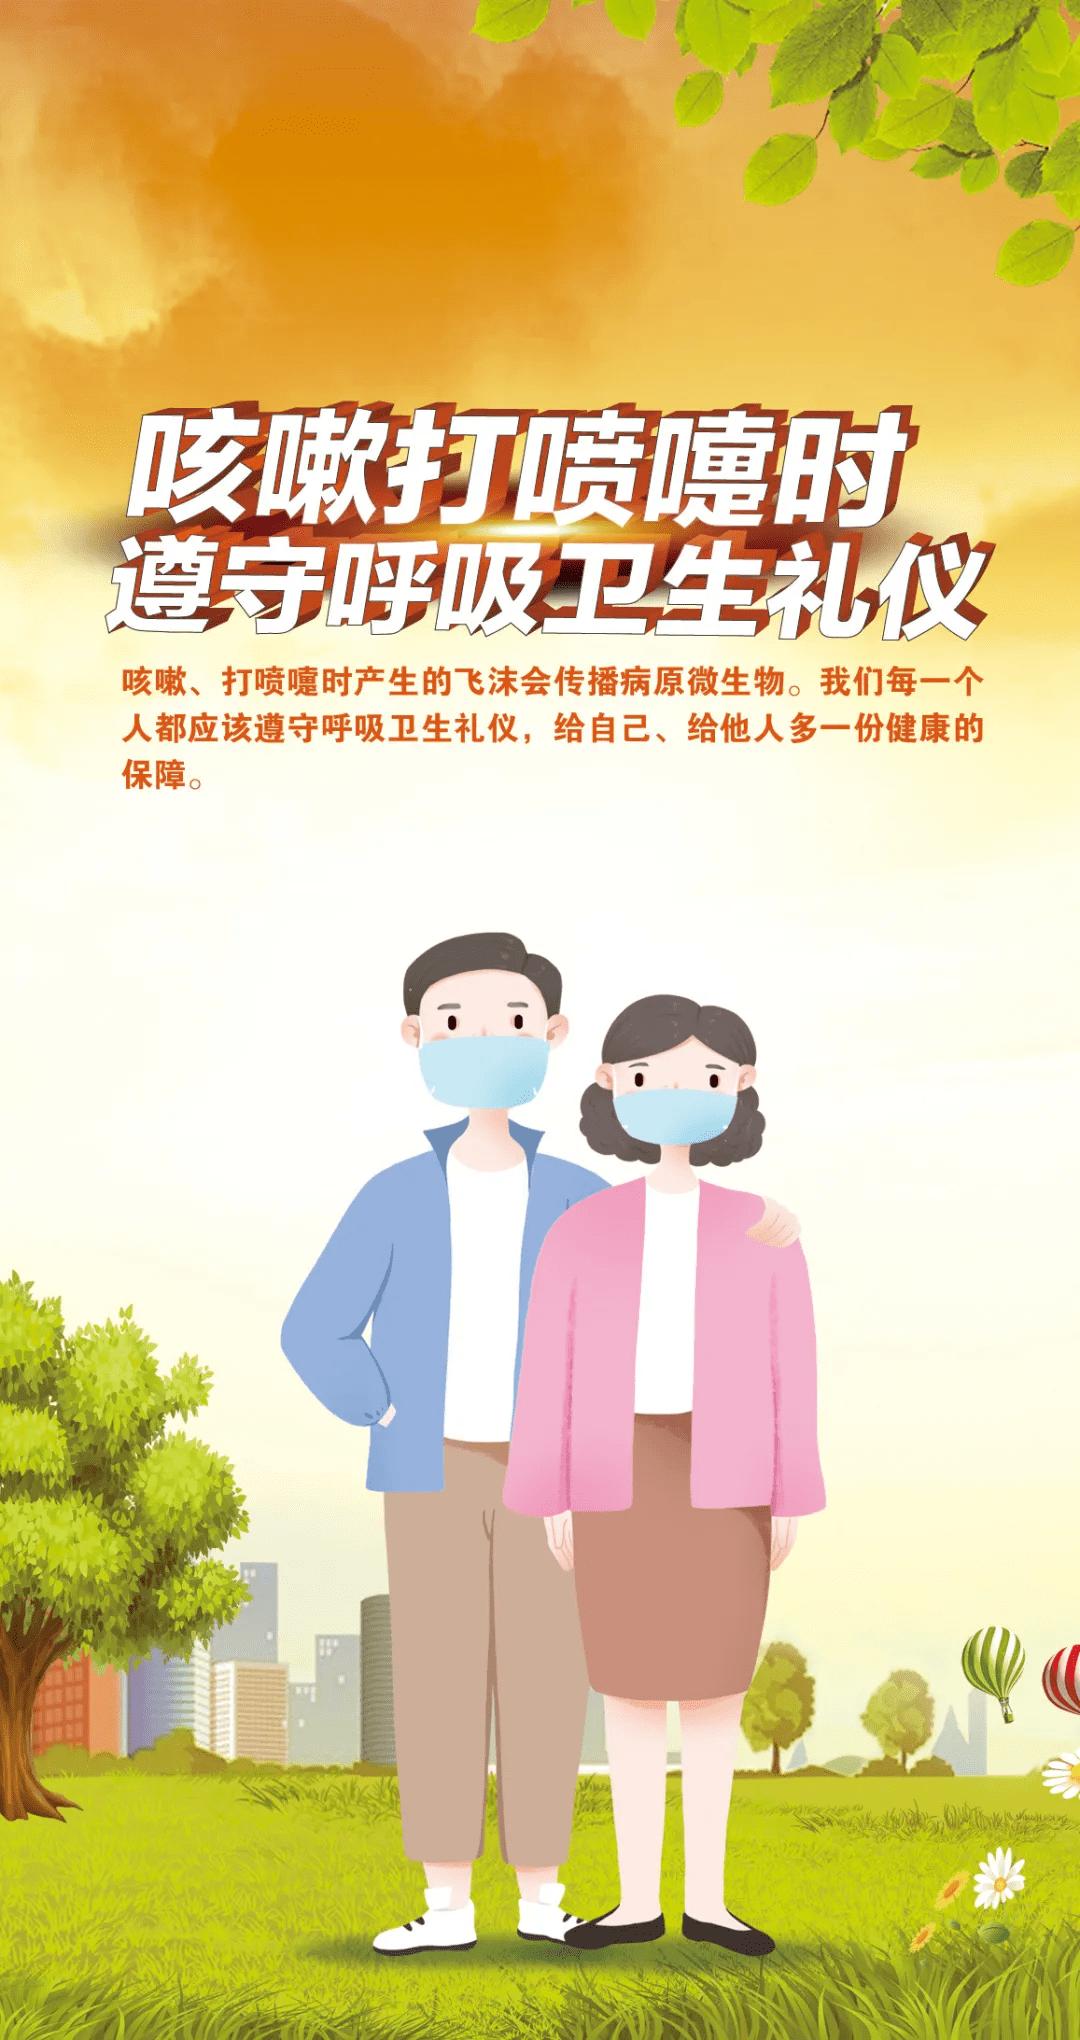 【分享】遵守呼吸卫生礼仪,守护你我健康!